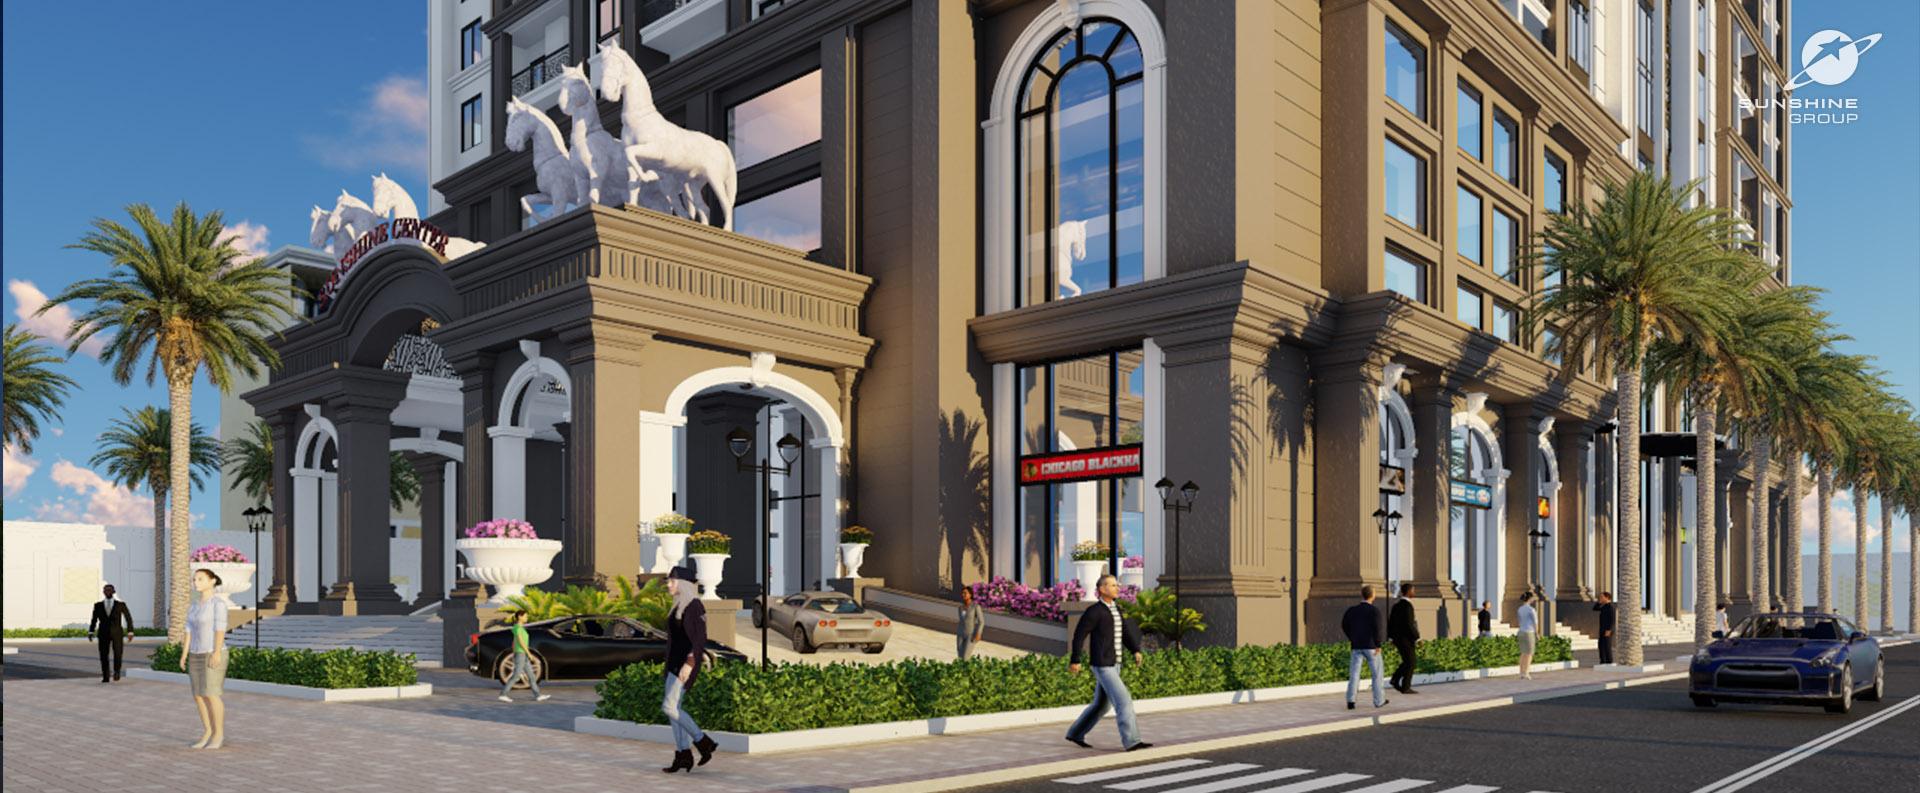 Kiến trúc tuyệt đẹp Châu Âu tân cổ điển tại chung cư Sunshine Center